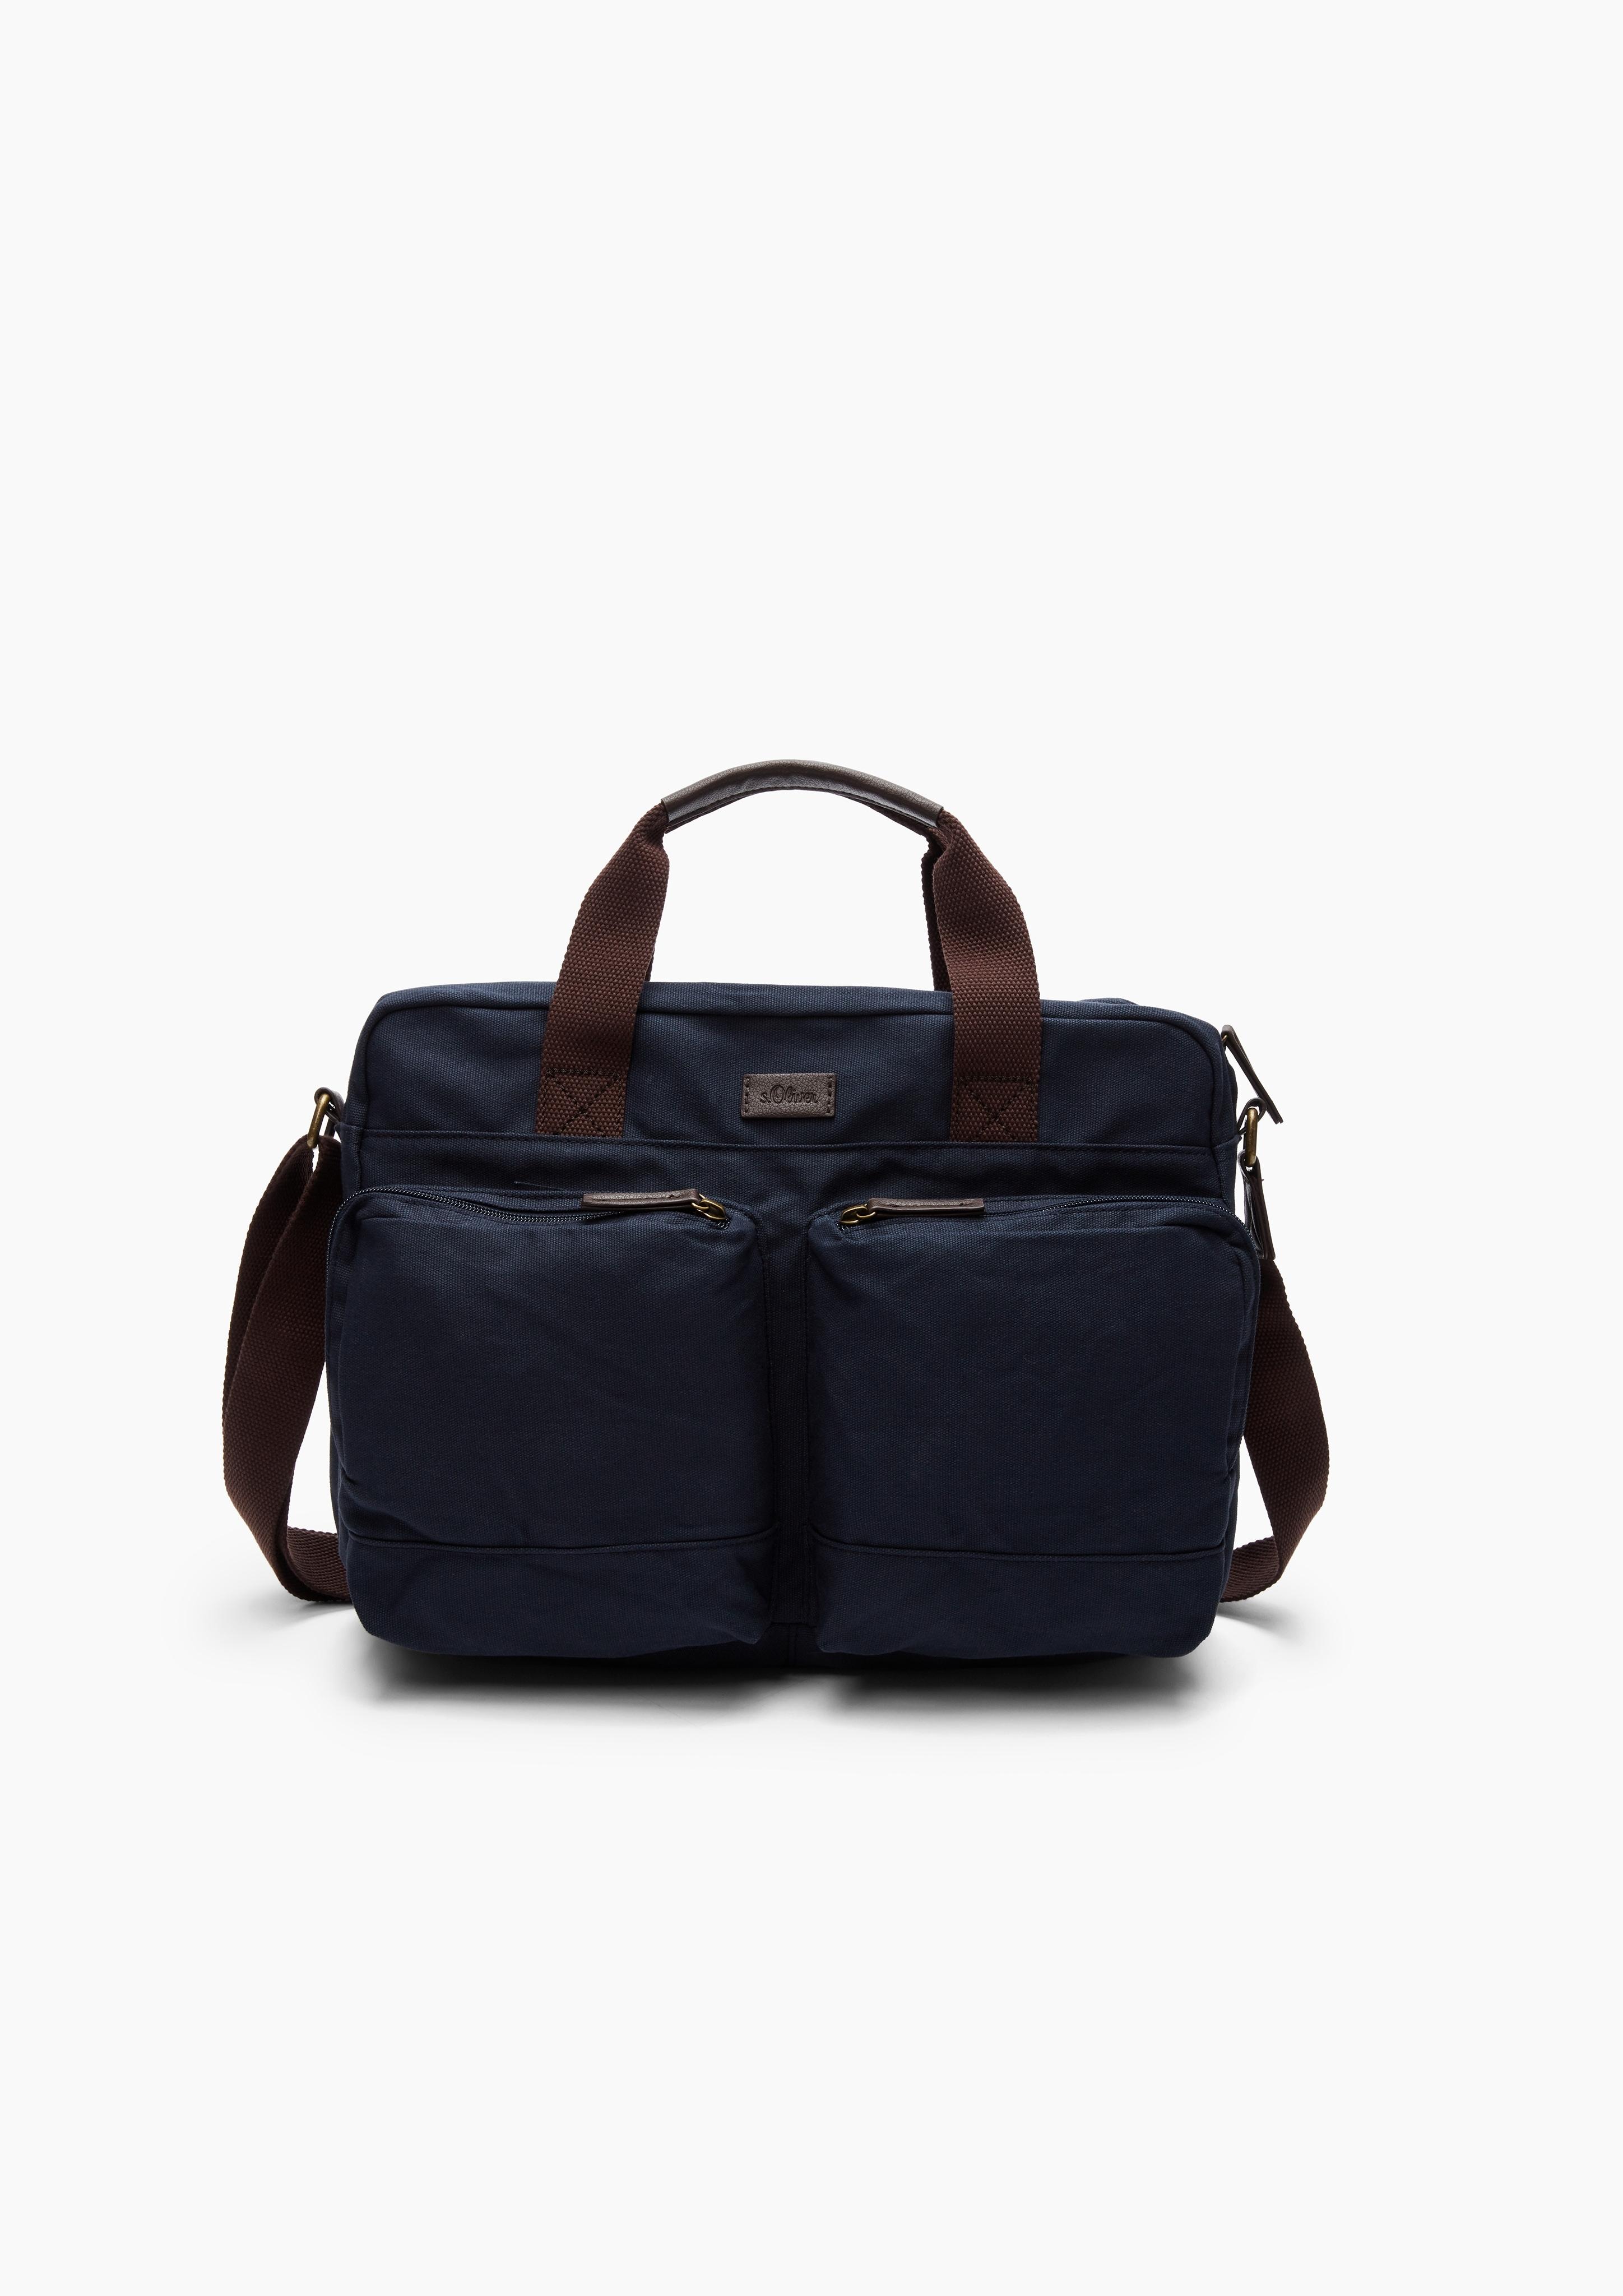 s.oliver -  Messenger Bag